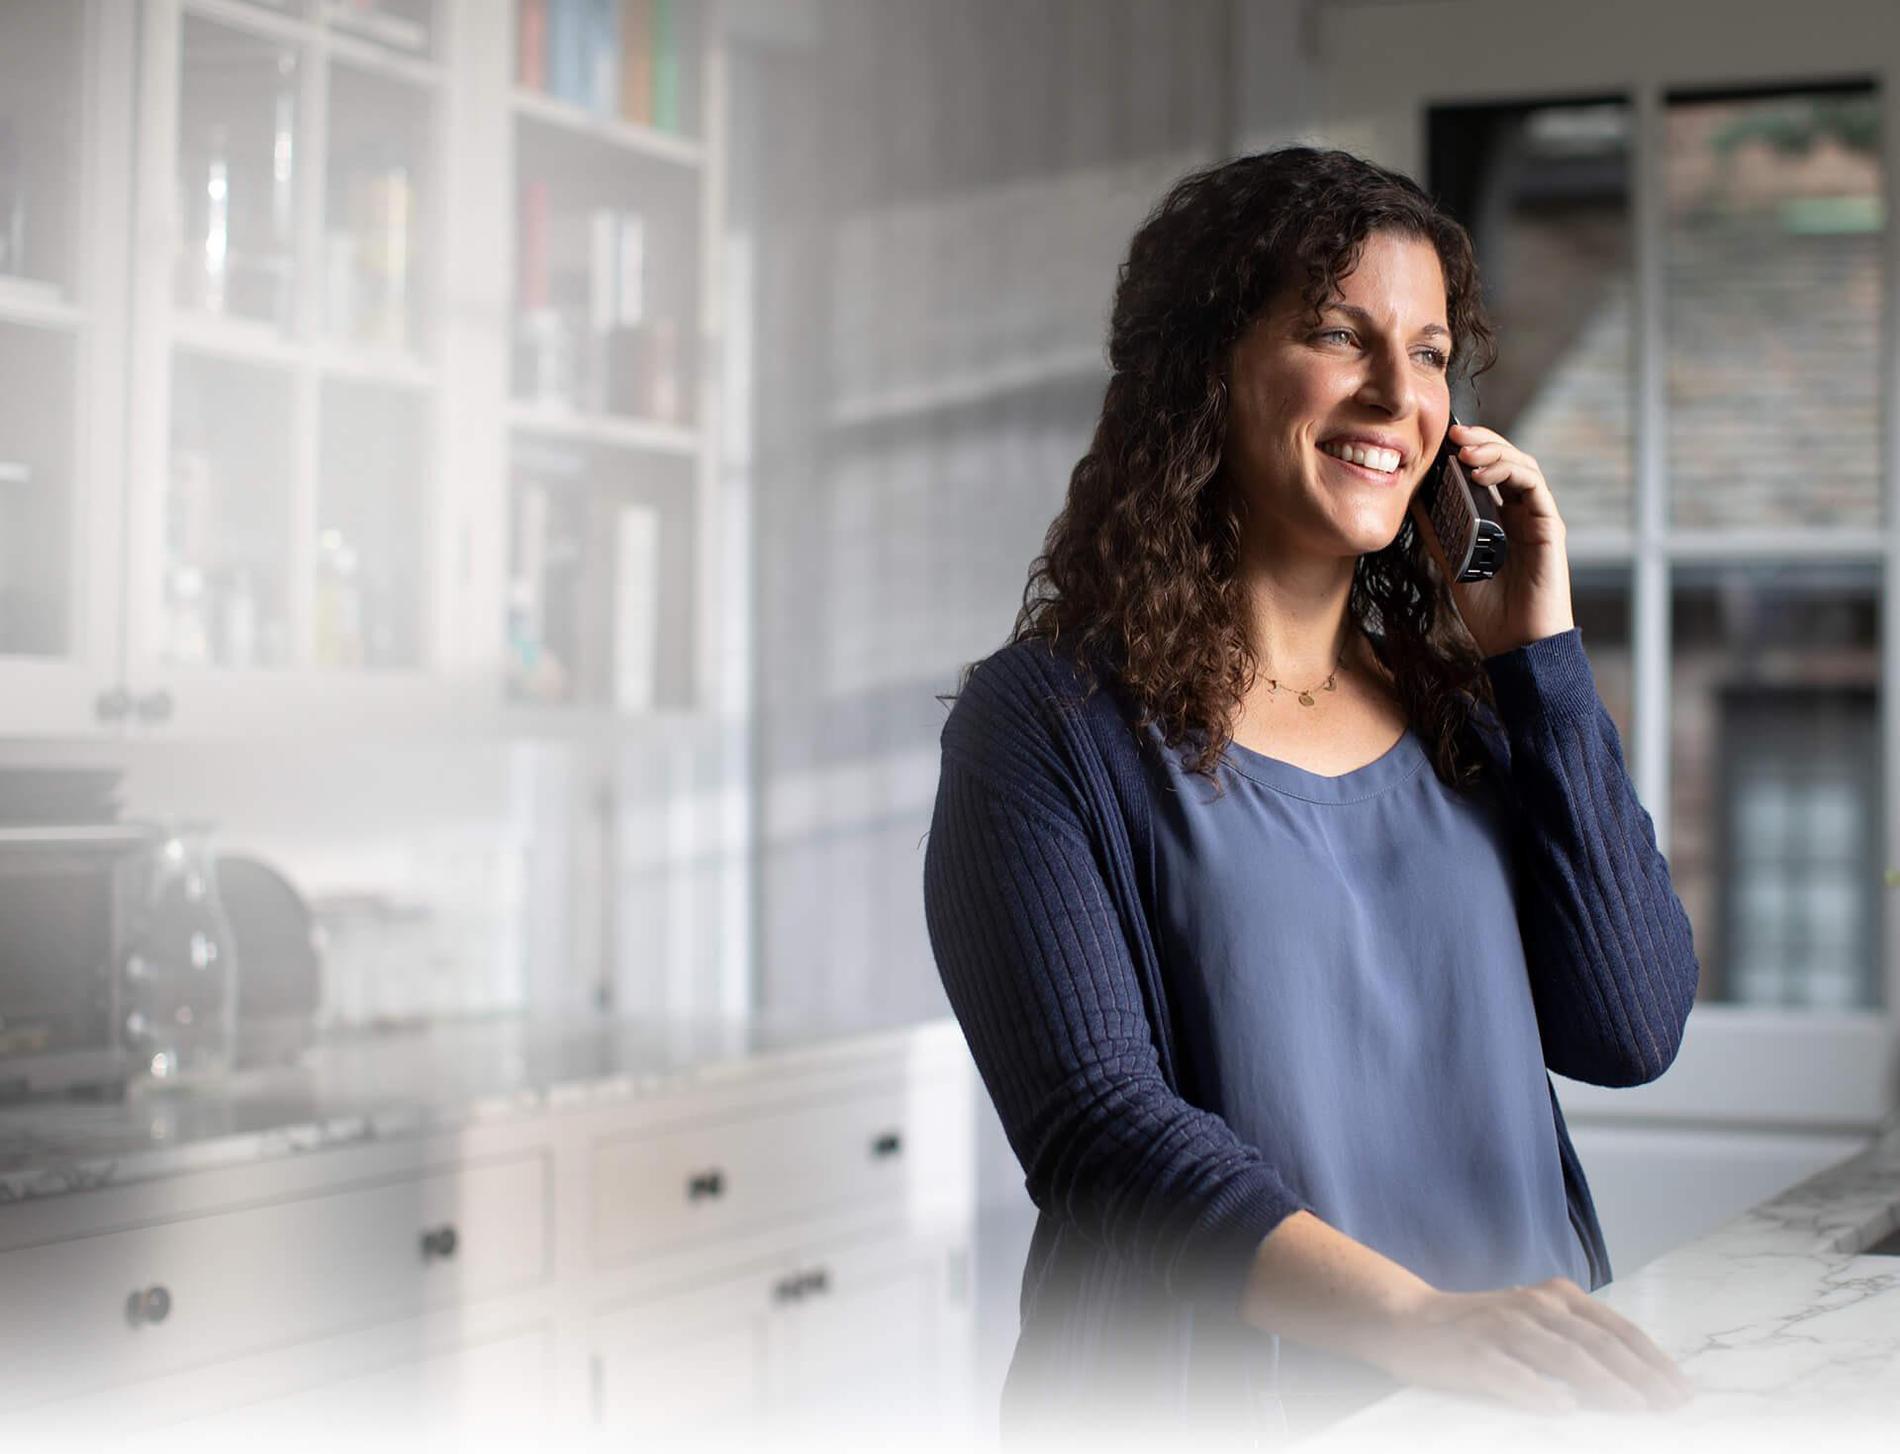 Foto de una mujer parada en la cocina hablando con un teléfono inalámbrico y usando una conexión de Suddenlink Voice